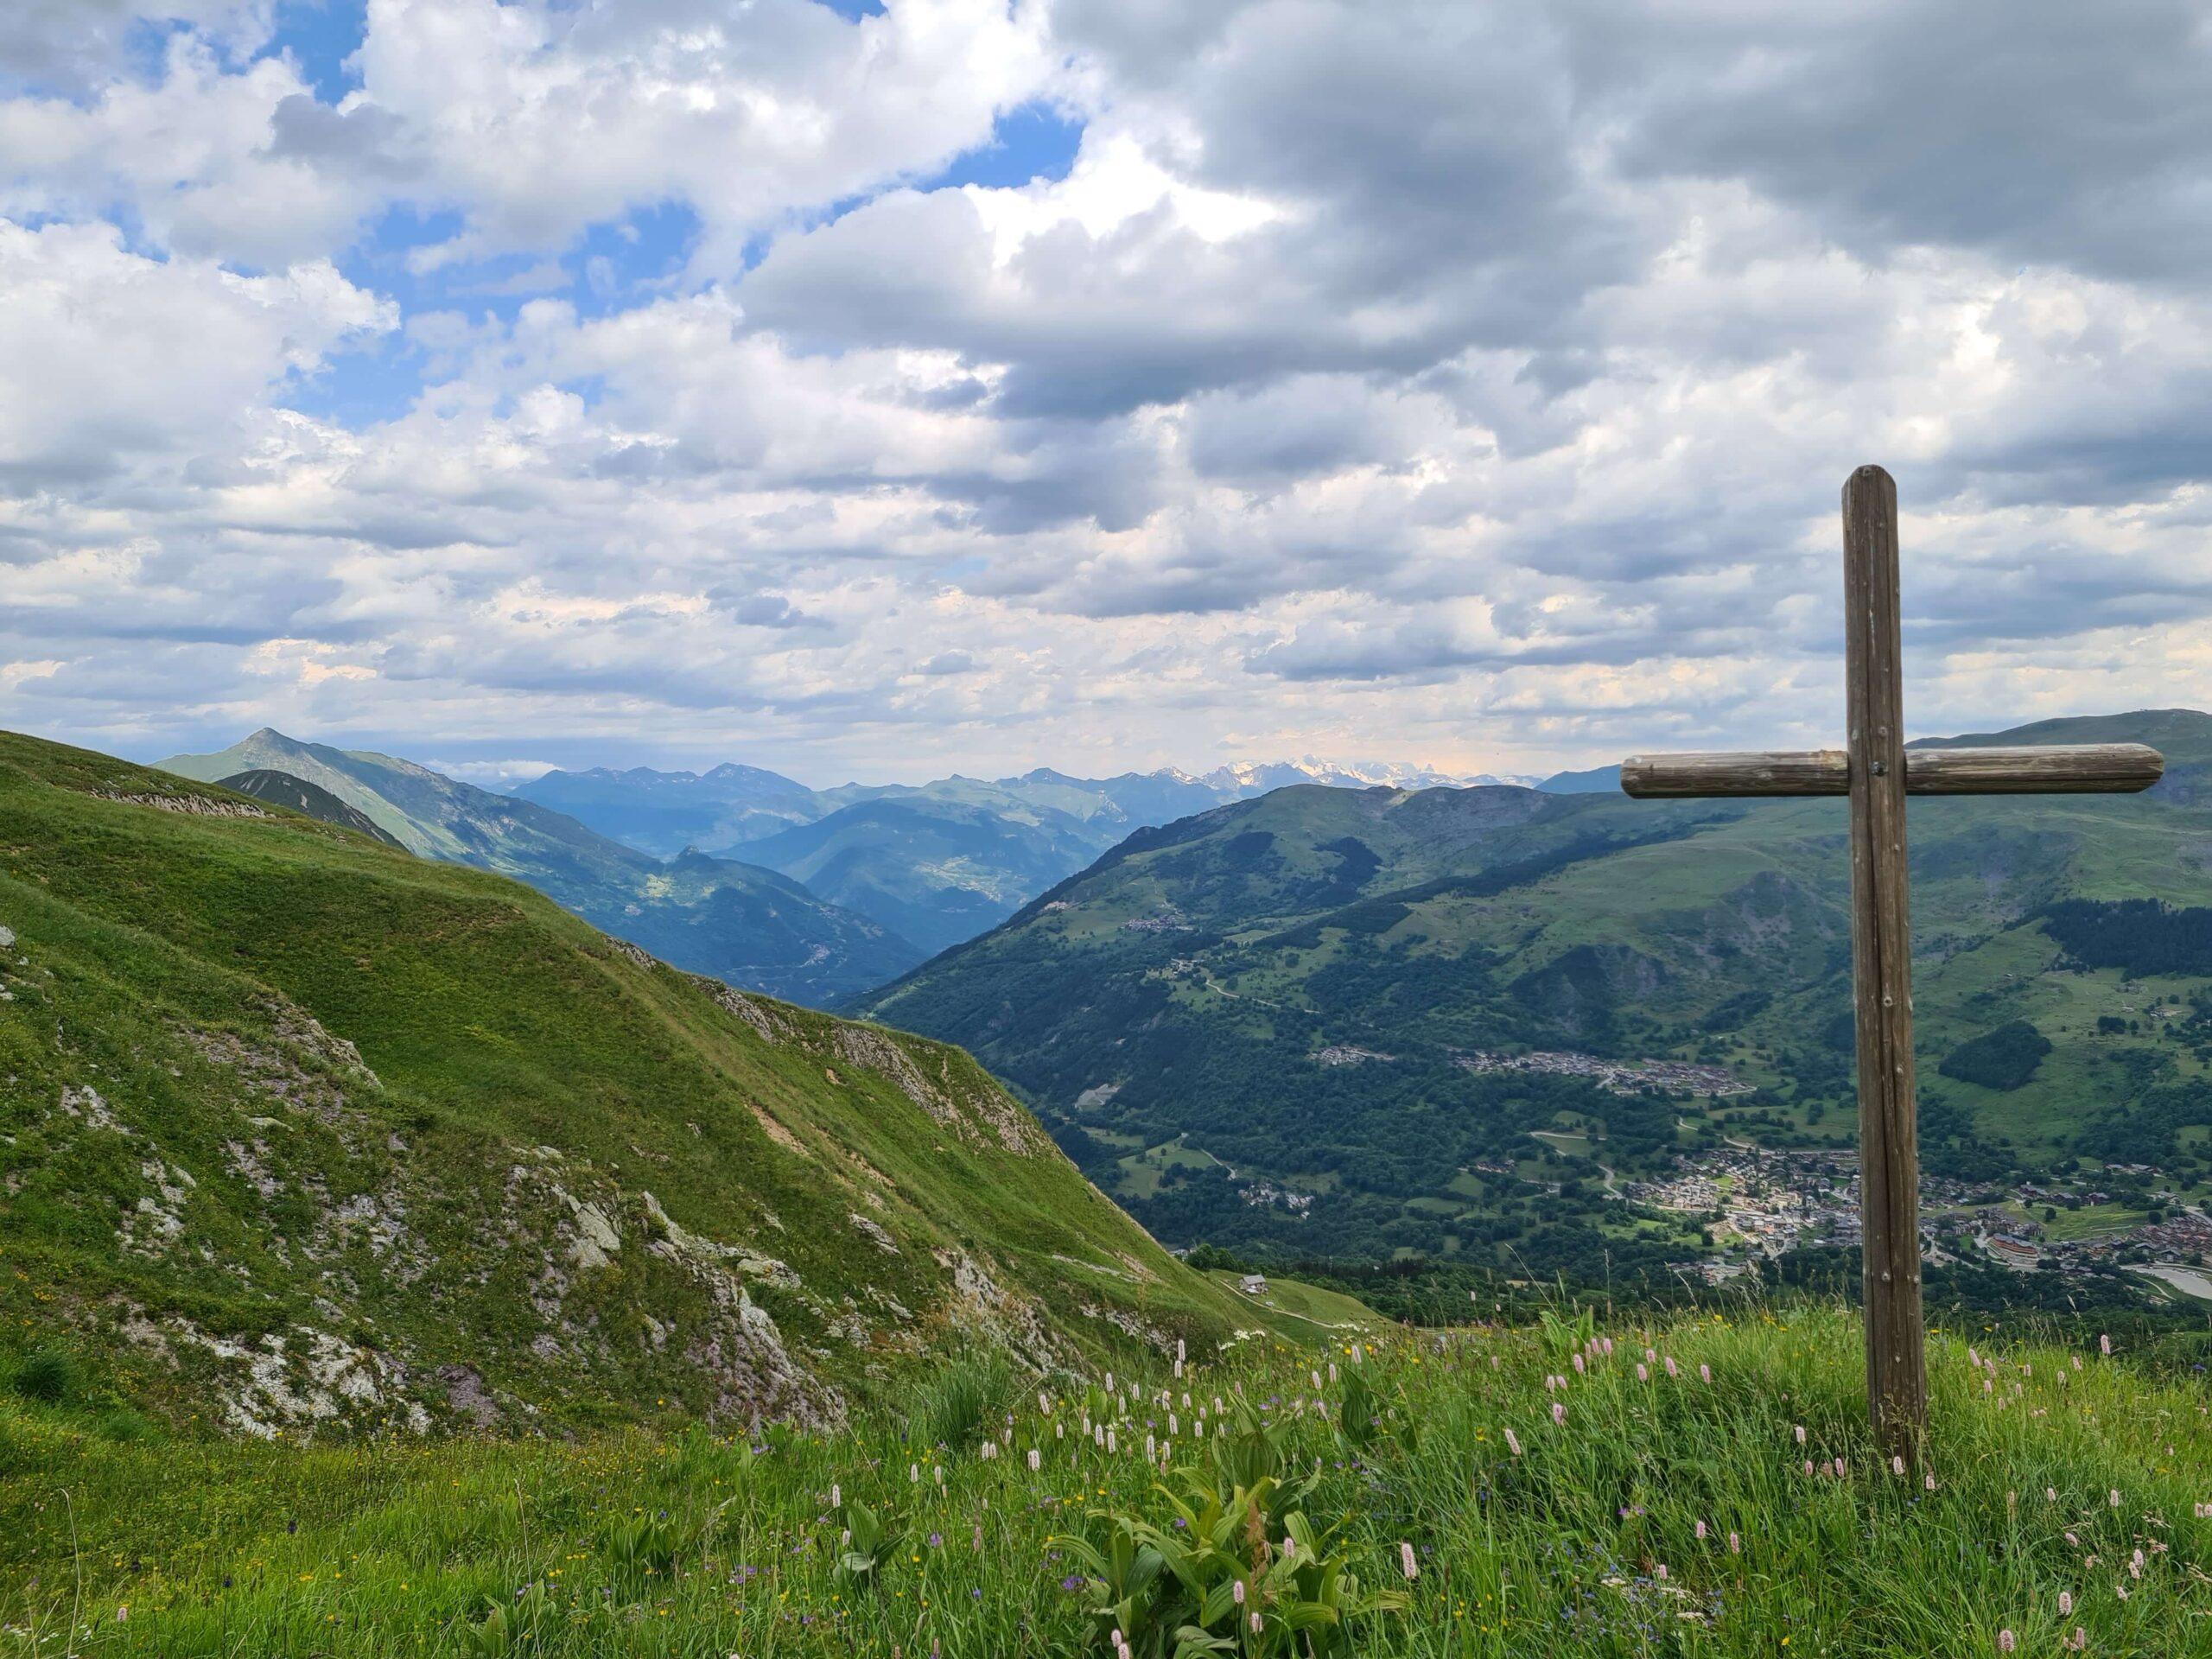 Prachtig vergezicht op de Mont Blanc vanuit de Encombres vallei